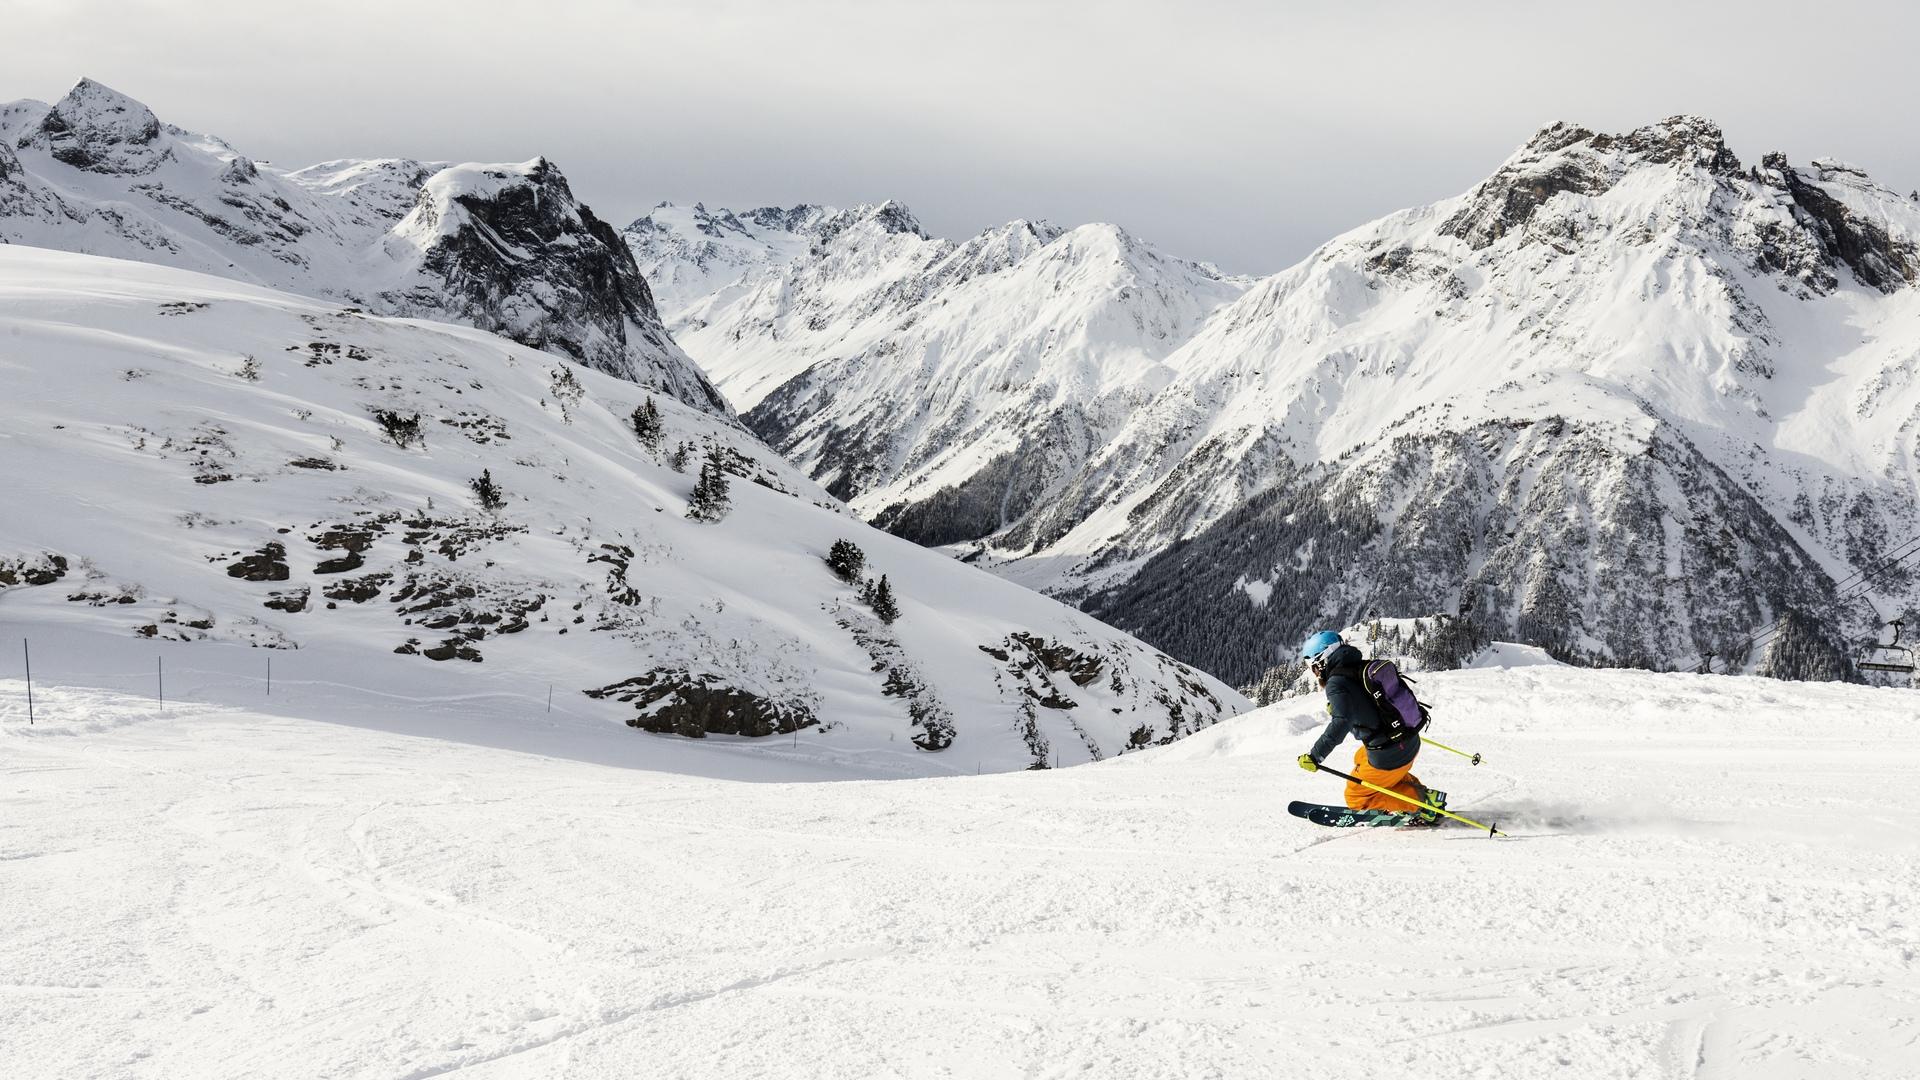 Le domaine skiable de Pralognan-la-Vanoise